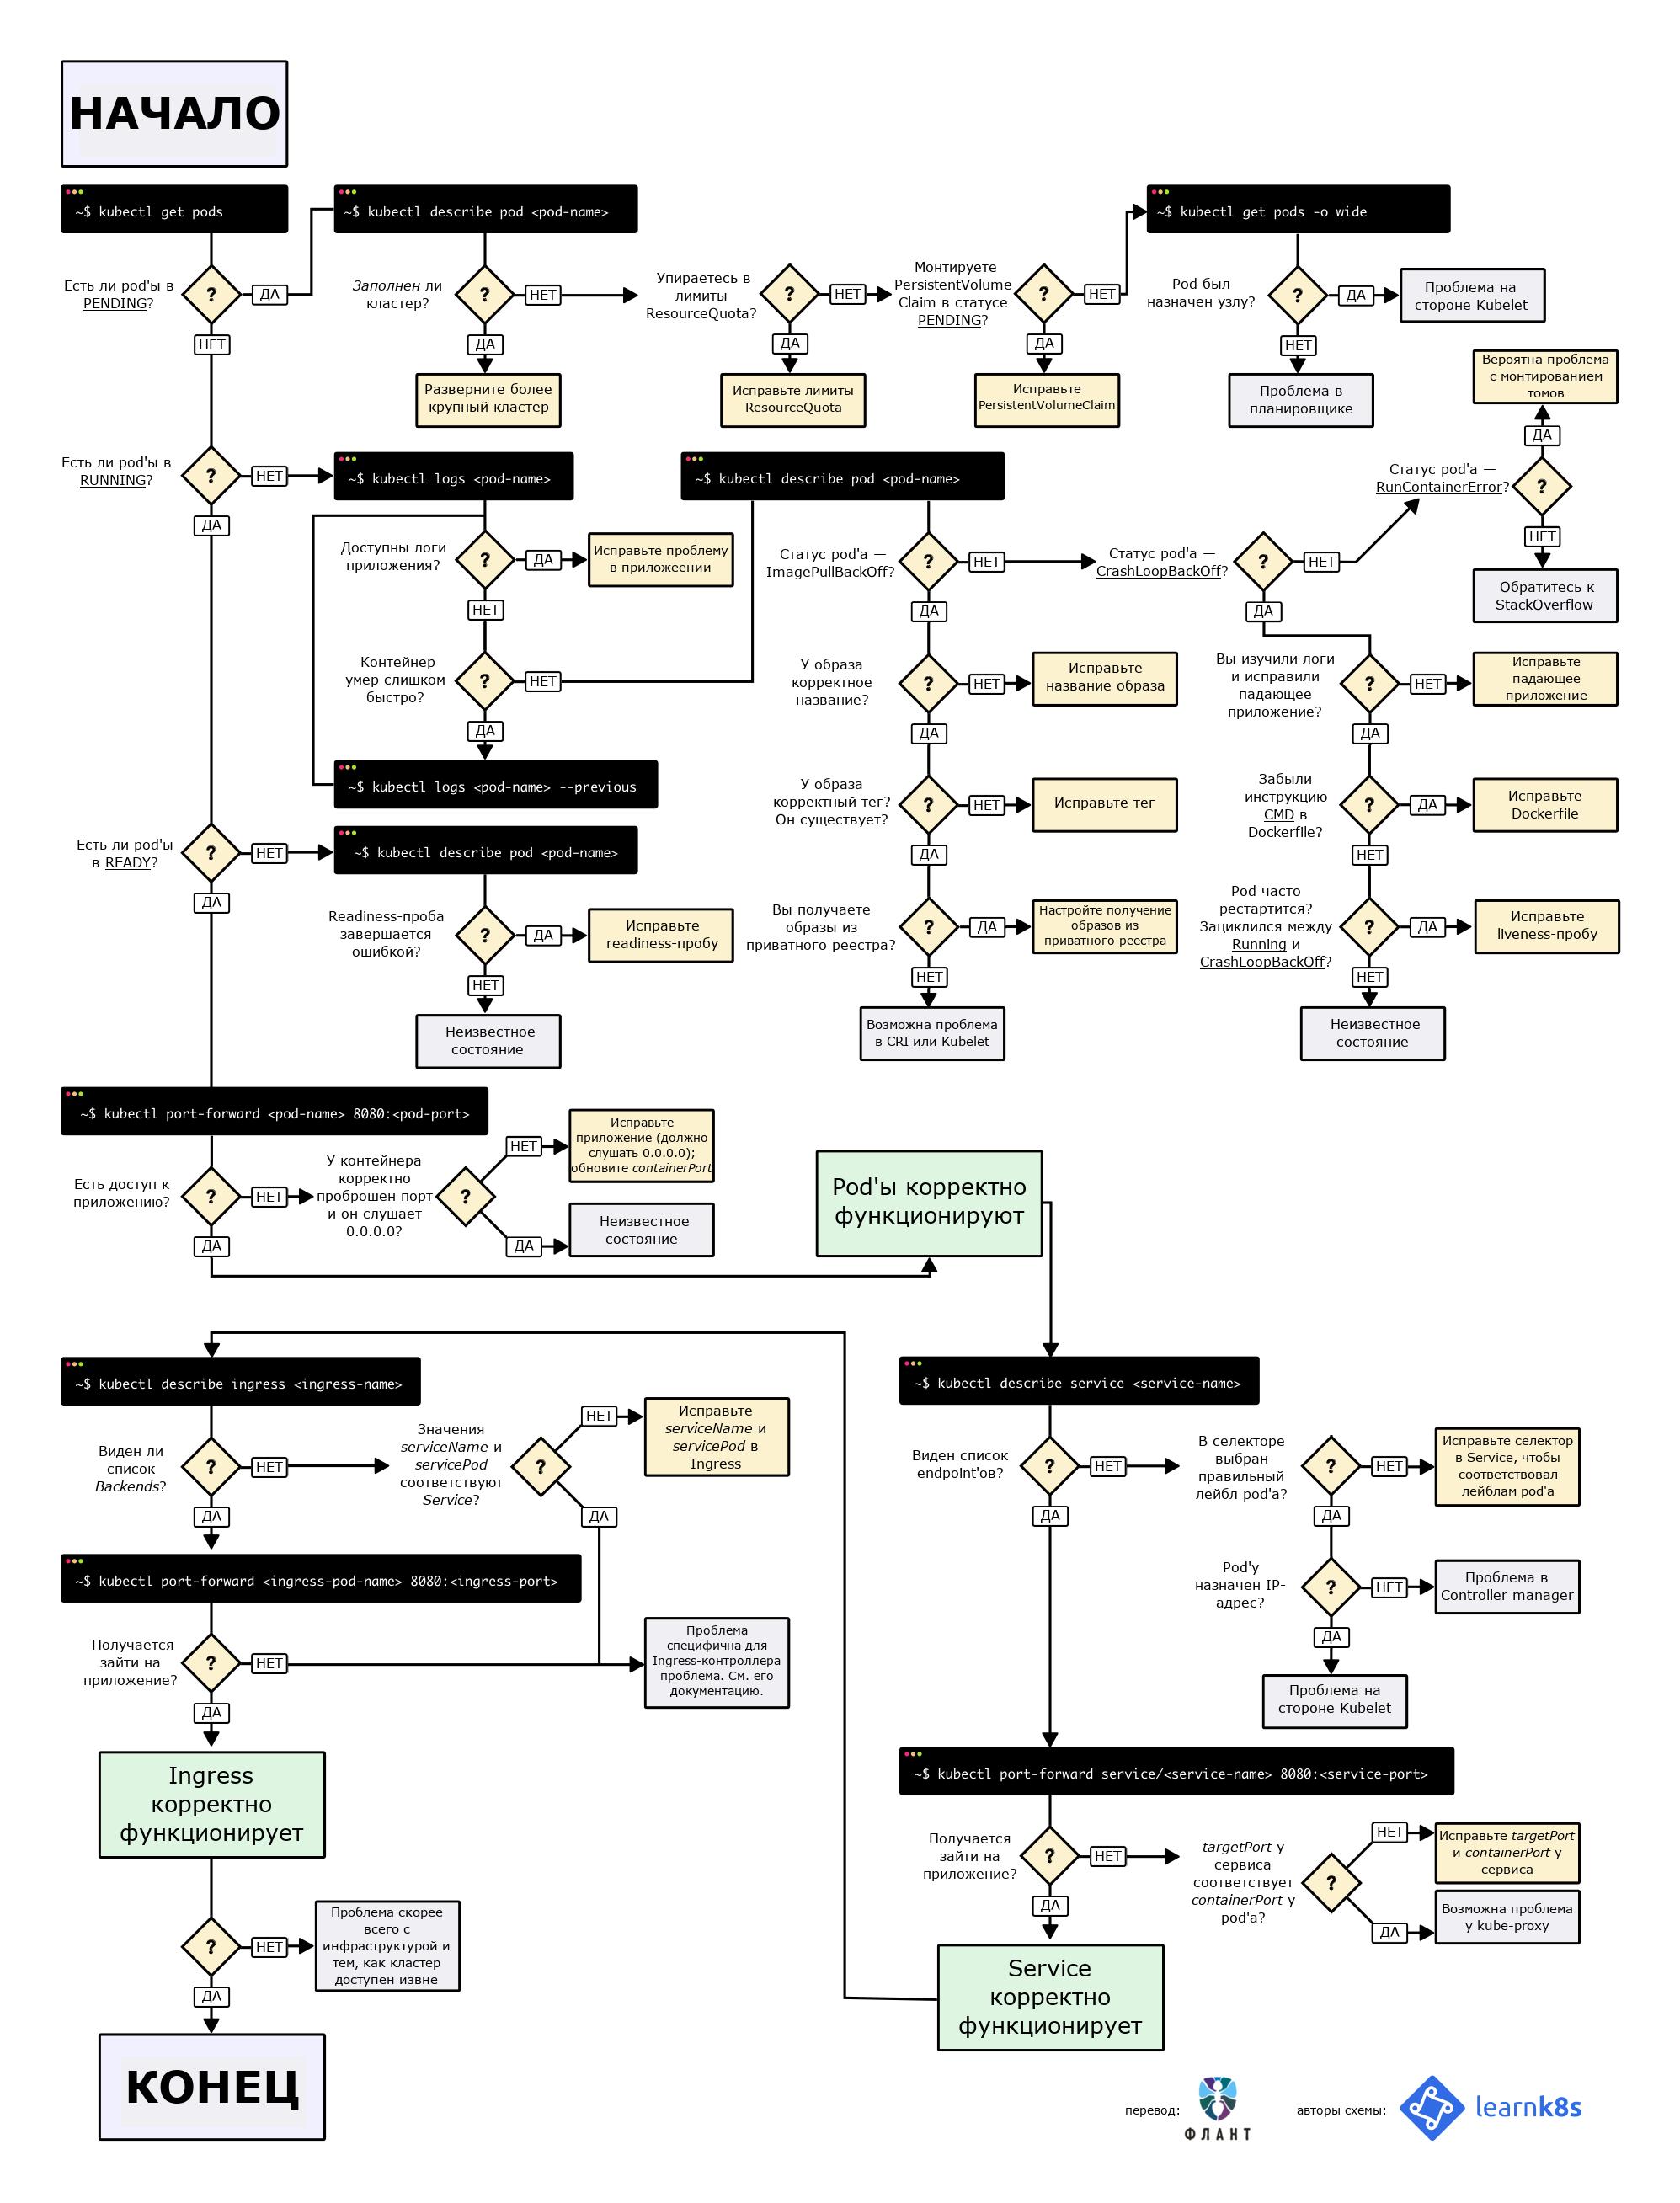 Визуальное руководство по диагностике неисправностей в Kubernetes - 2